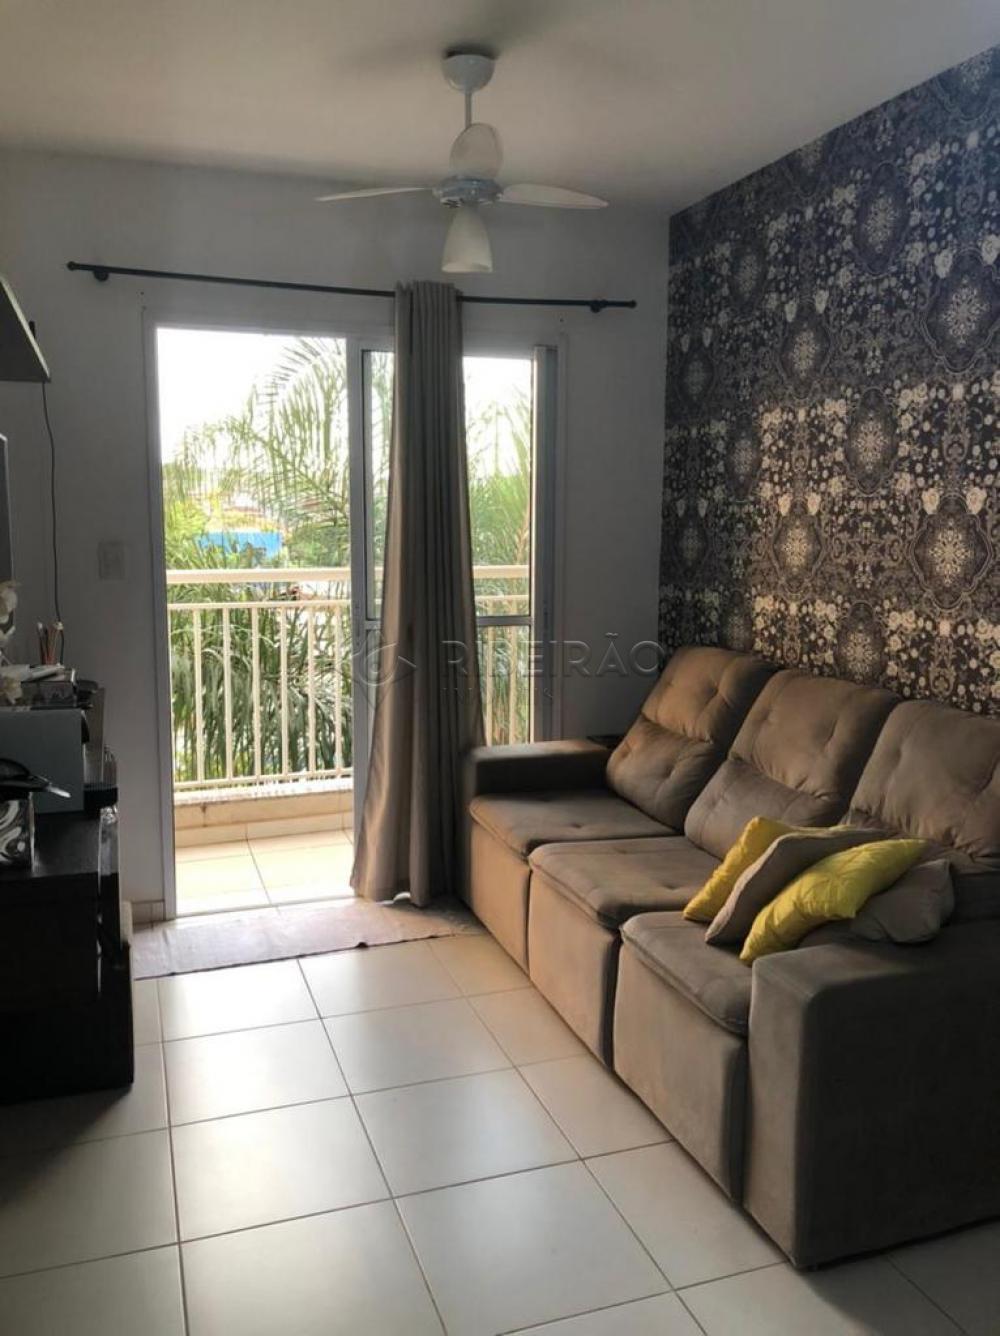 Comprar Apartamento / Padrão em Ribeirão Preto R$ 260.000,00 - Foto 1